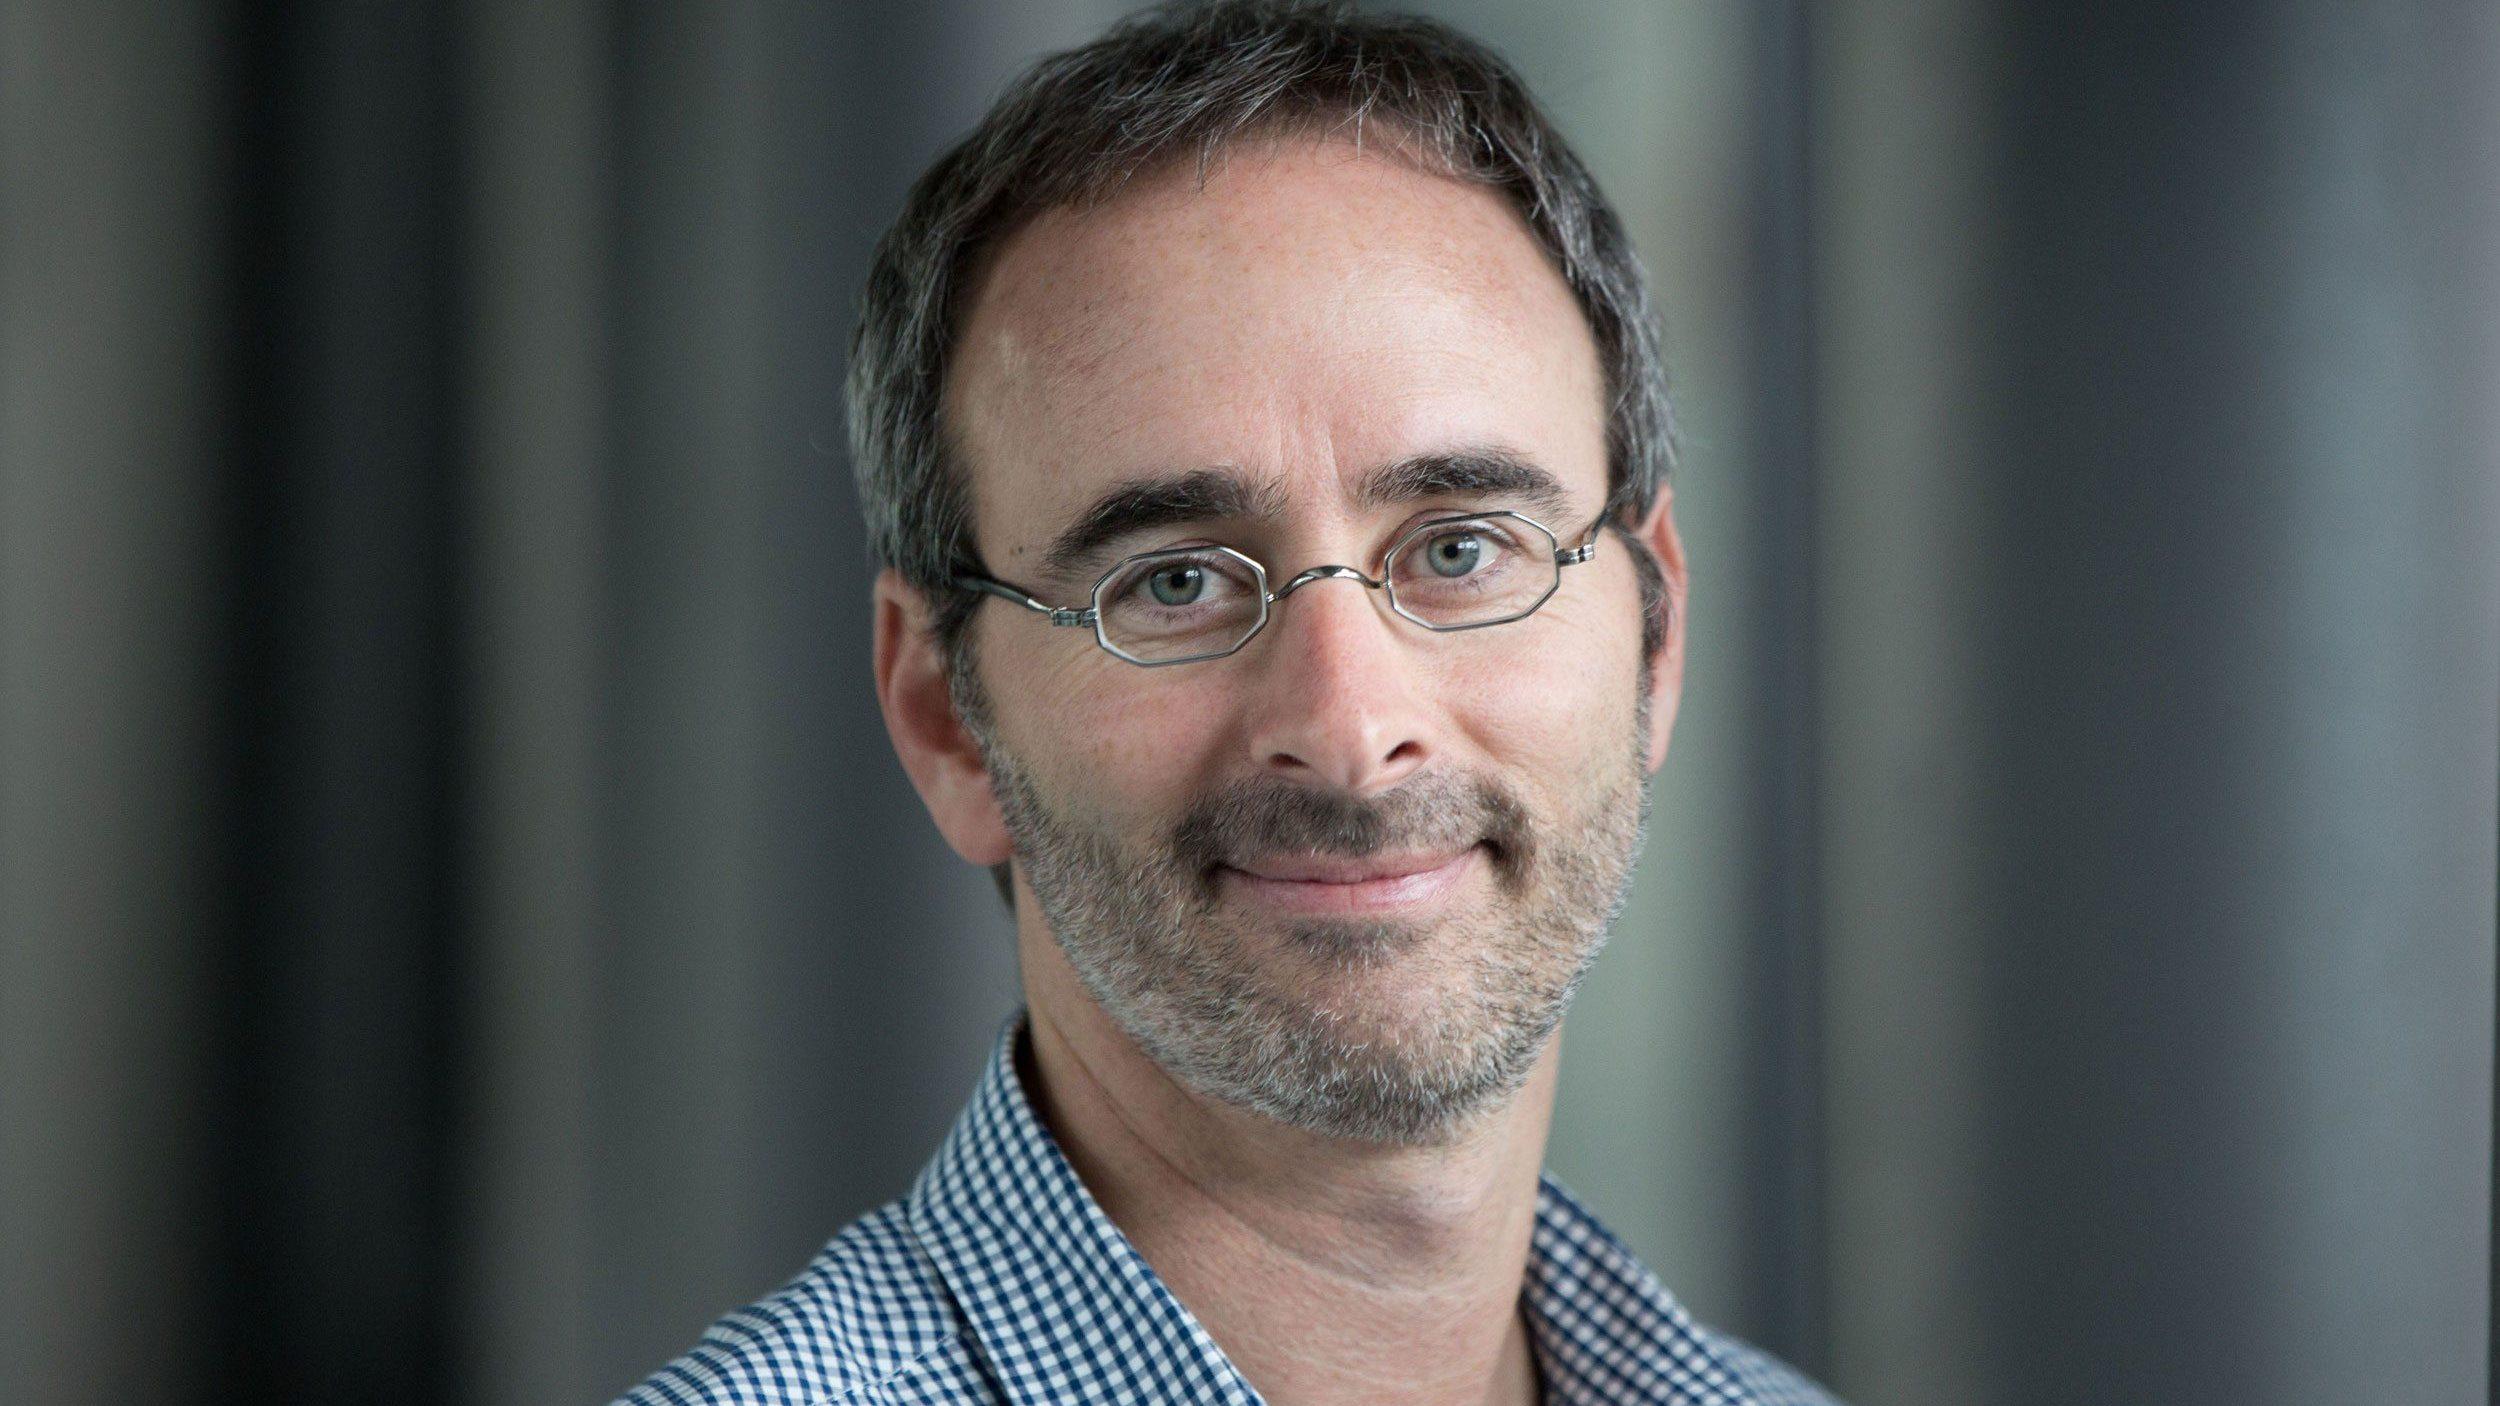 Το Groupon έκανε τον Eric Lefkofsky δισεκατομμυριούχο – Η startup του που πολεμά τον καρκίνο αξίζει όμως πολλά παραπάνω